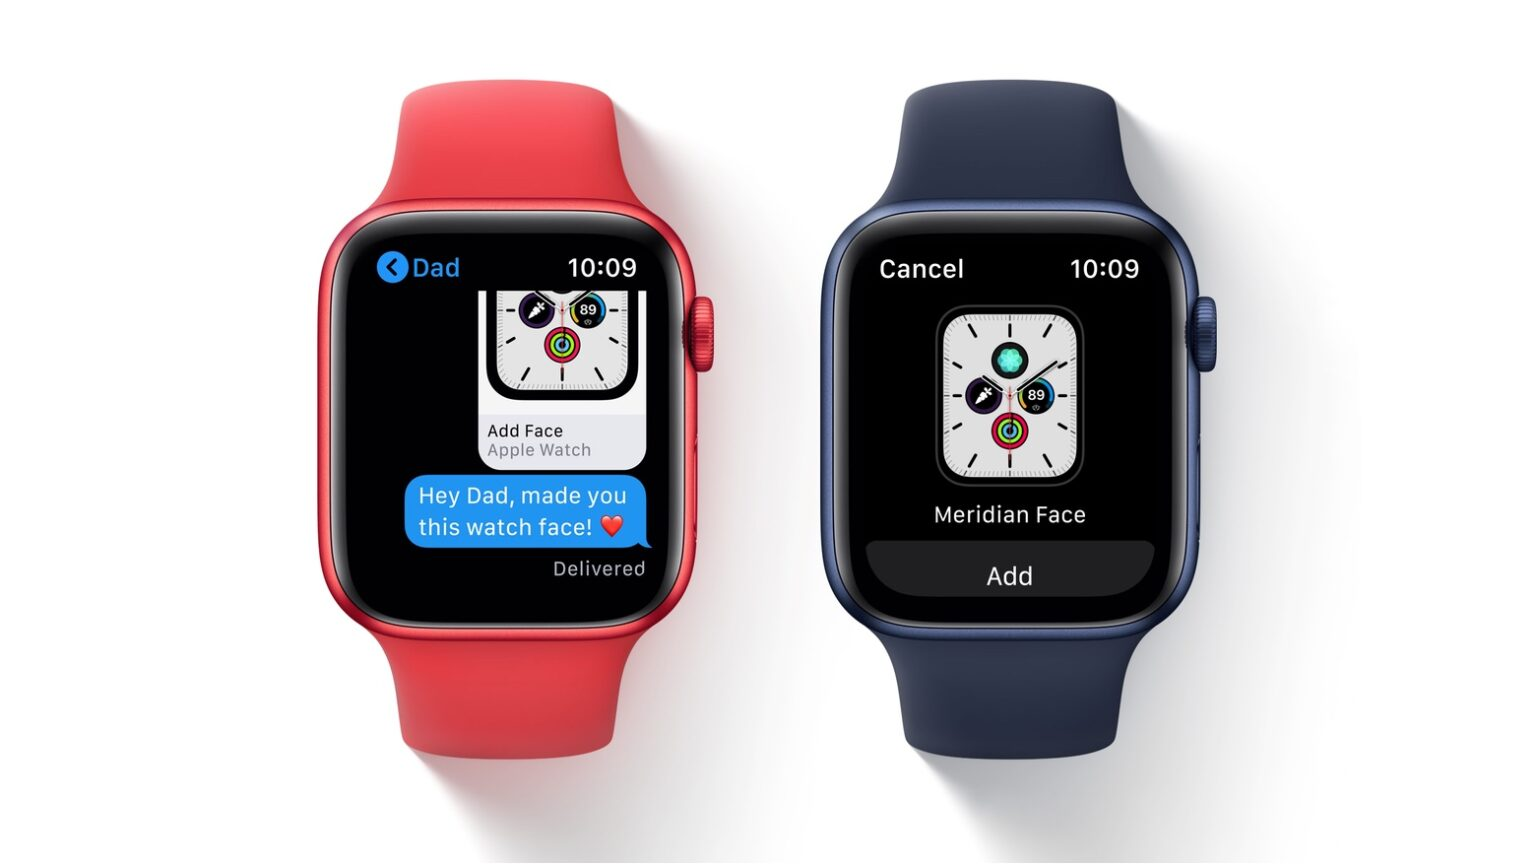 watchOS 7.0.2 is a 'bug fix' update to watchOS 7.